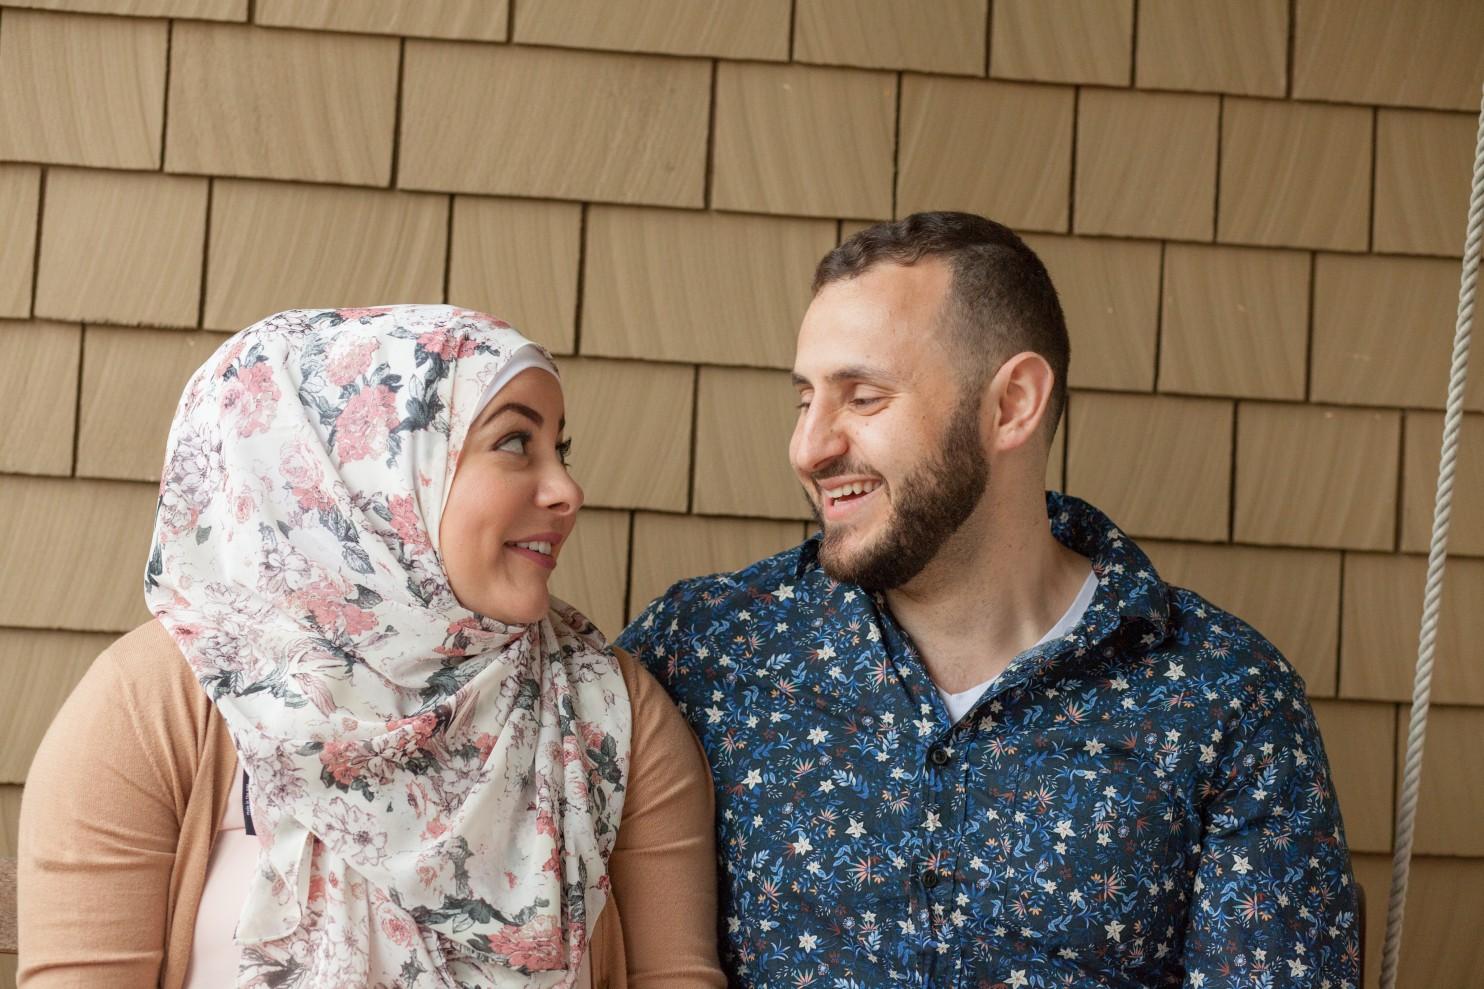 Amanda con su esposo, Hussein Saab. Él la acompaña en su emprendimiento anti-discriminación. (Meryl Schenker para The Washington Post)